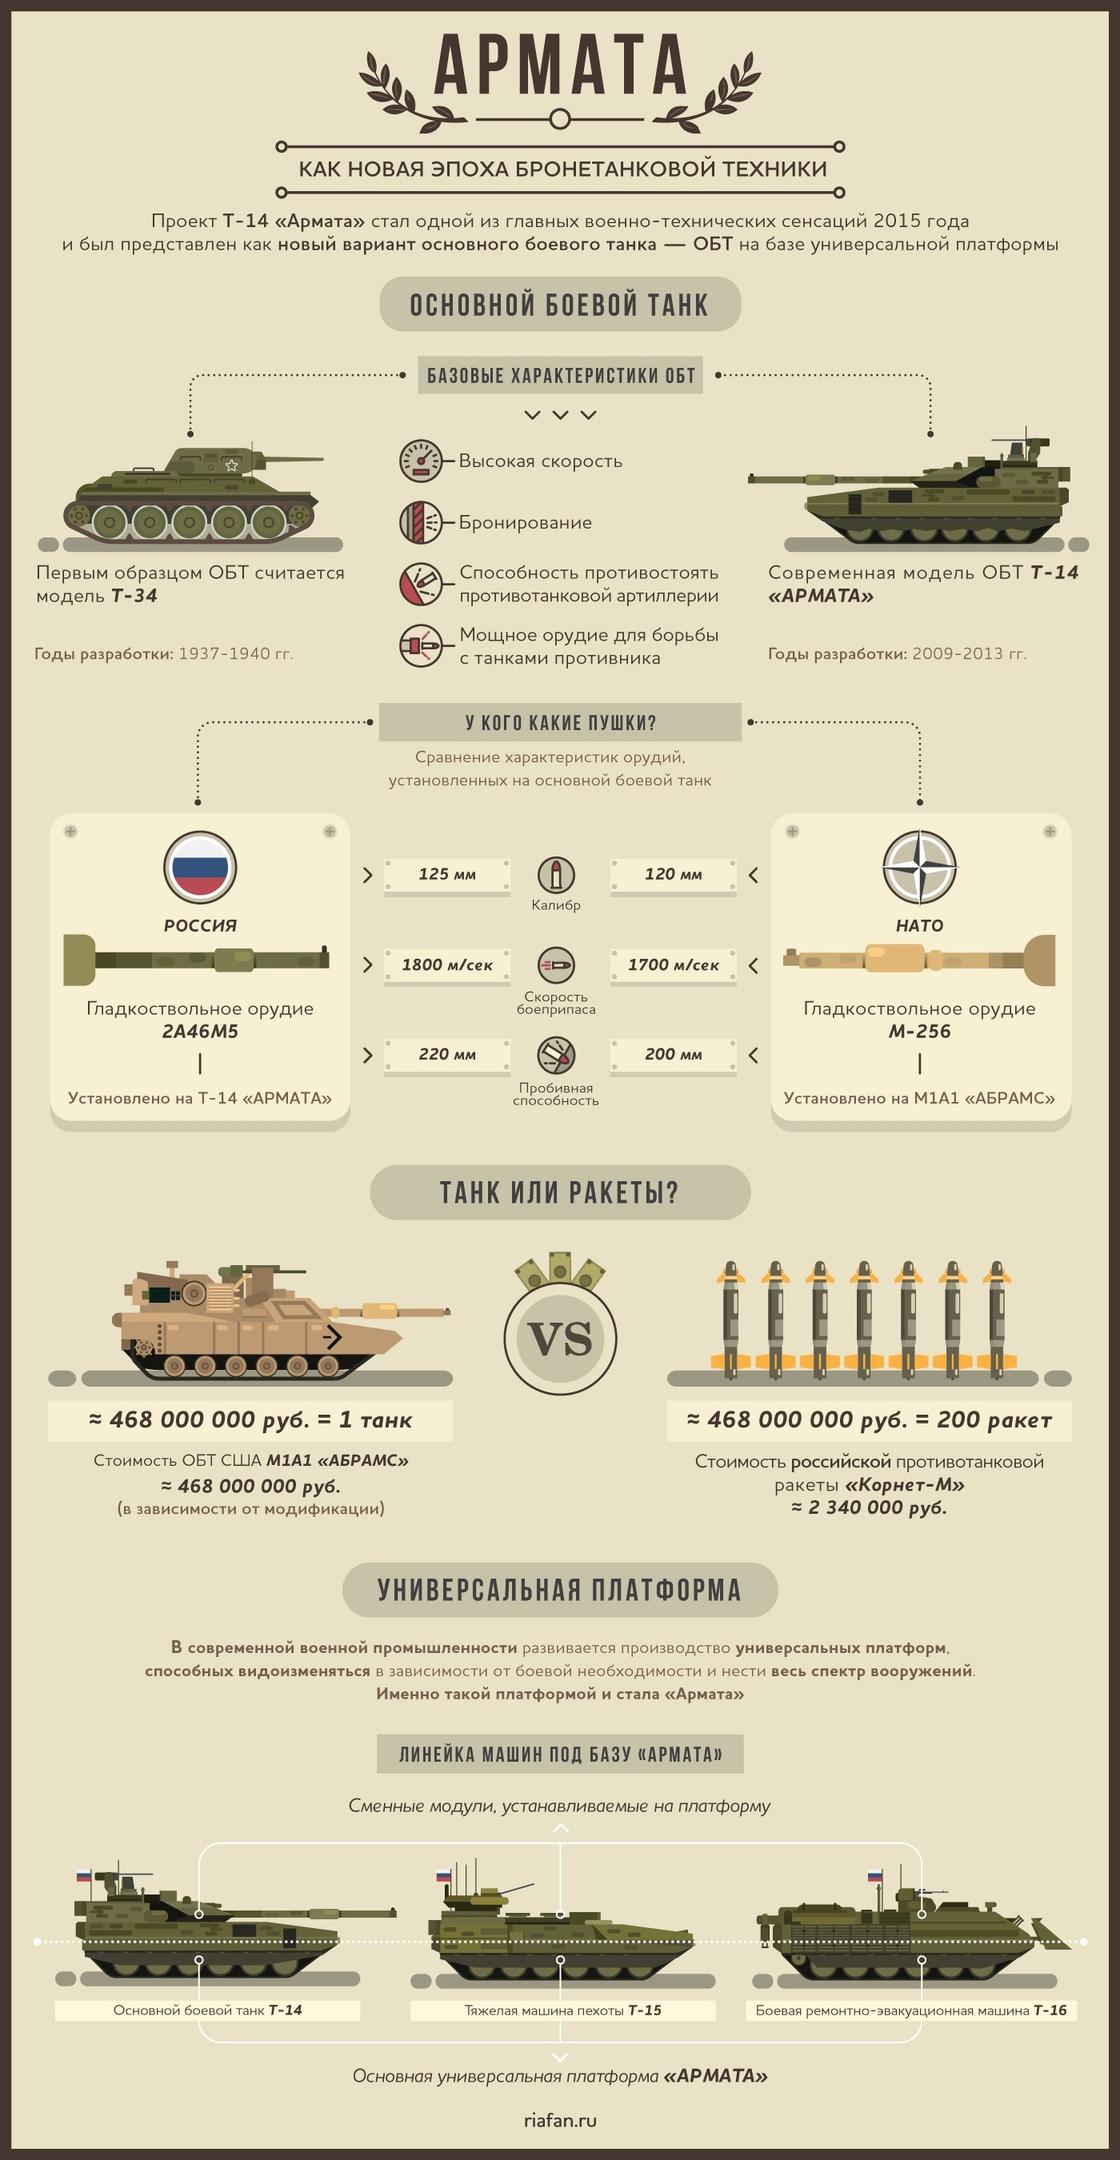 Binkov Battlregrounds (Хорватия): российский танк Т-14 «Армата» будет господствовать на полях сражений?, изображение №8